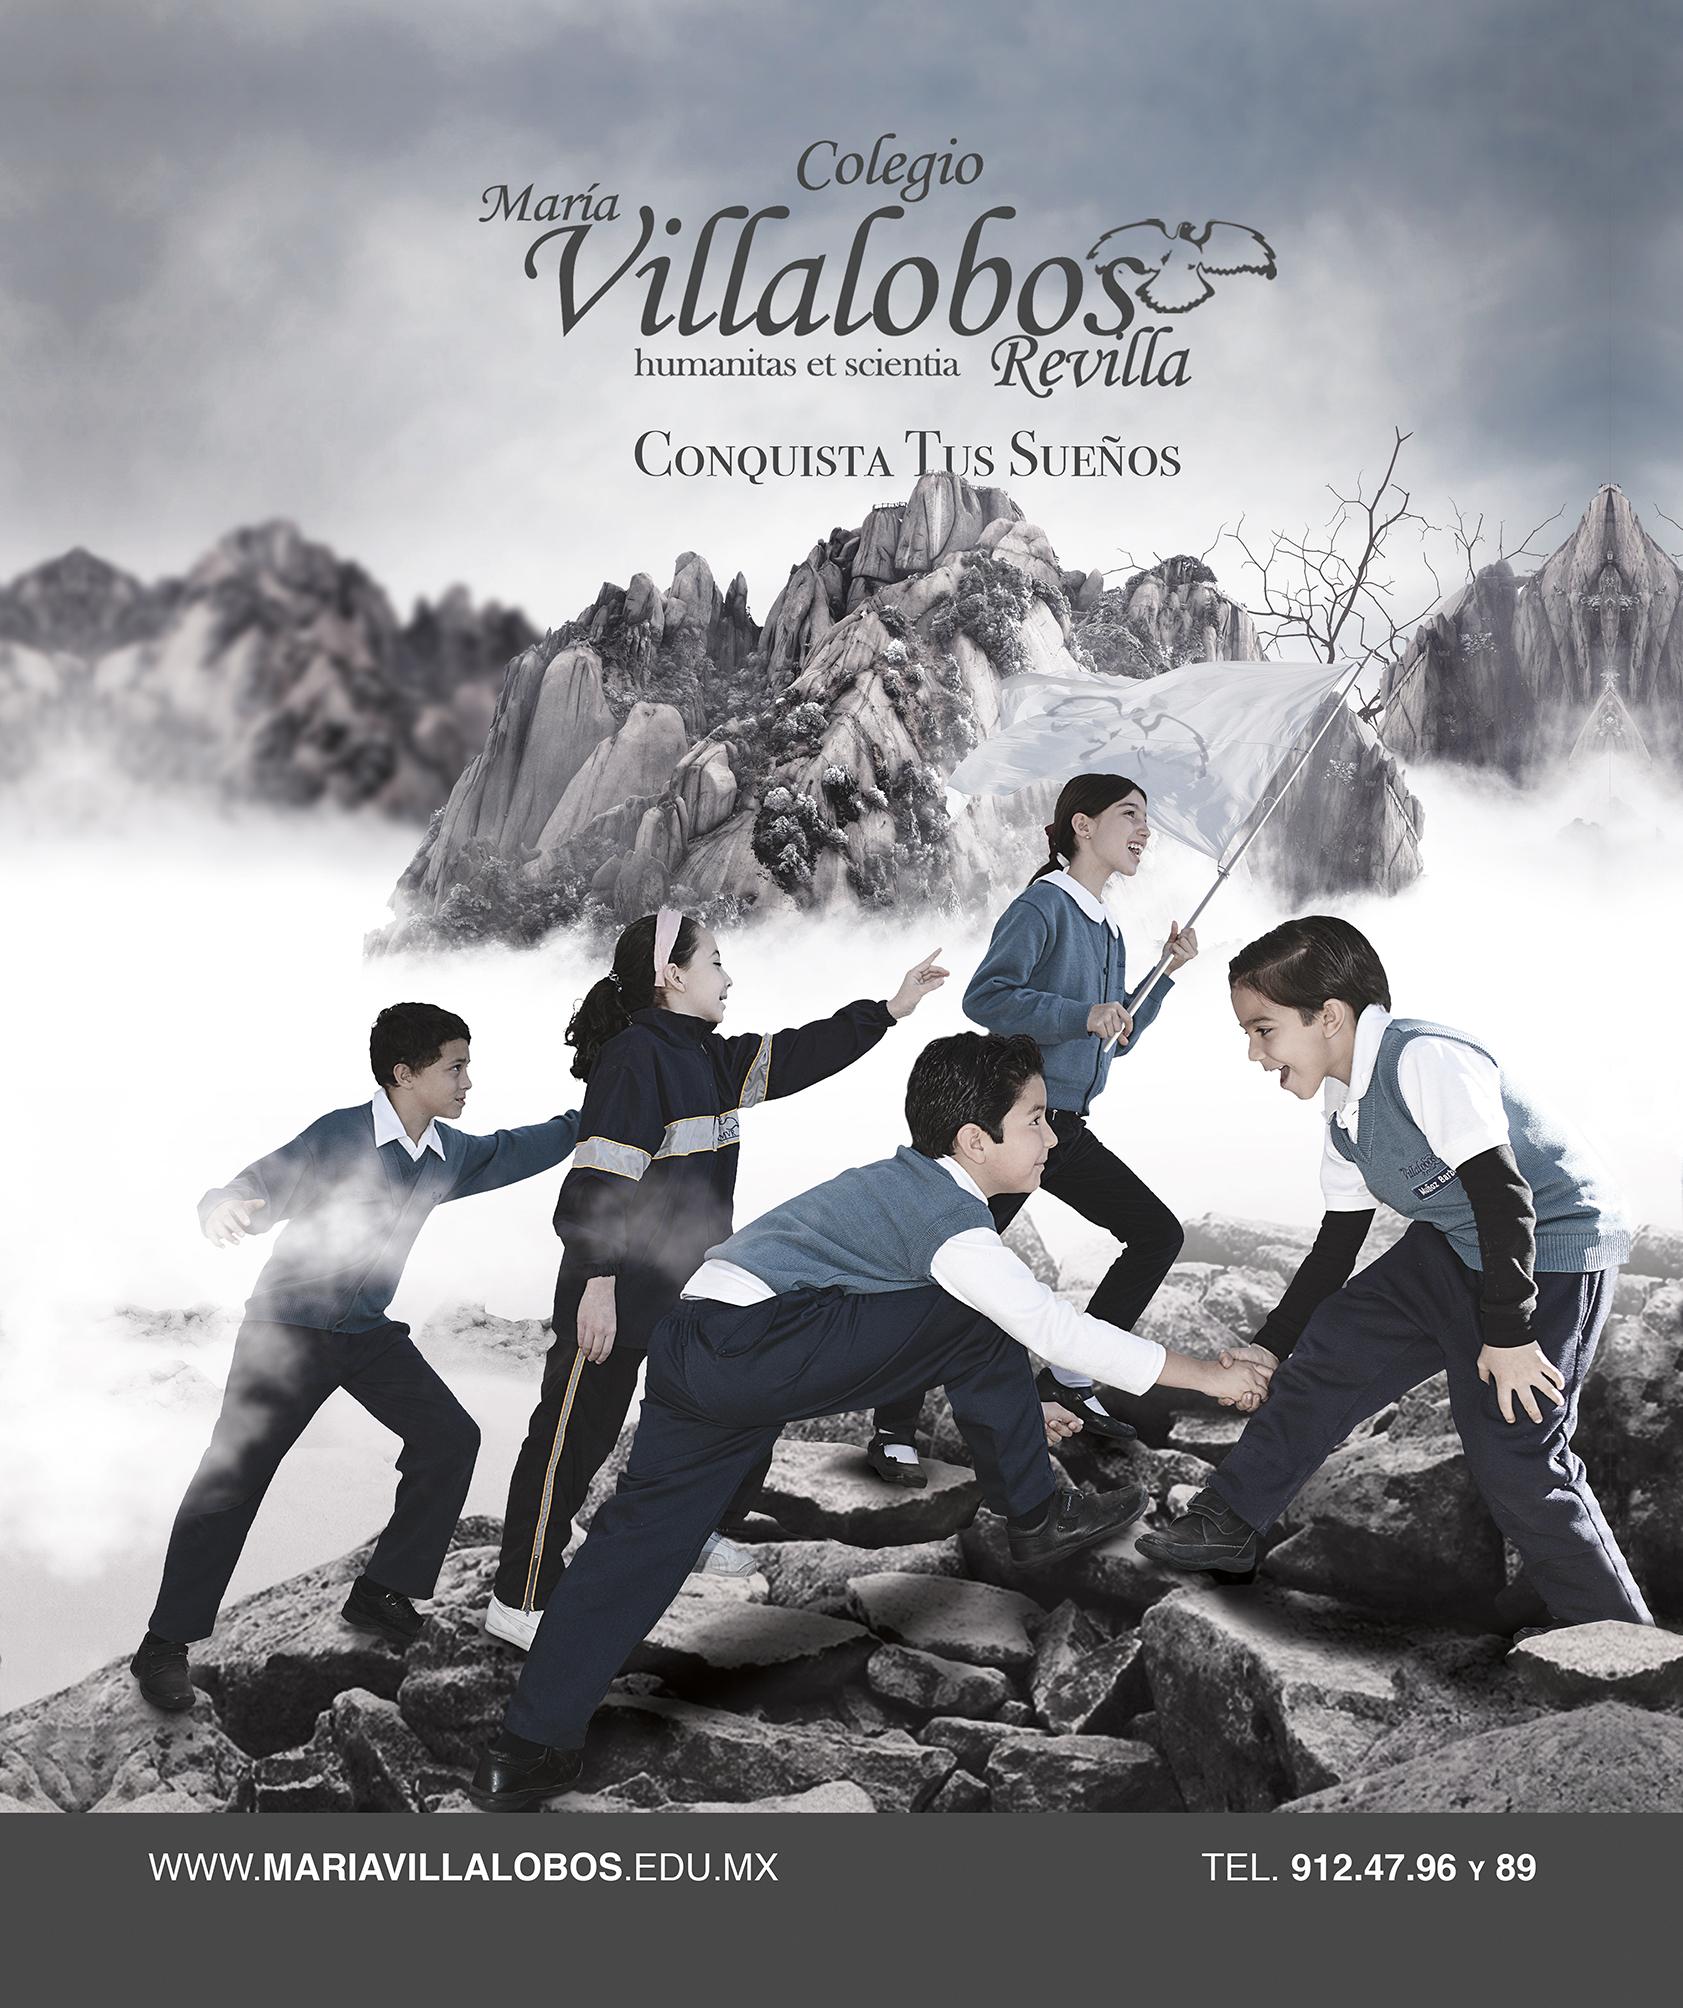 COLEGIO VILLALOBOS